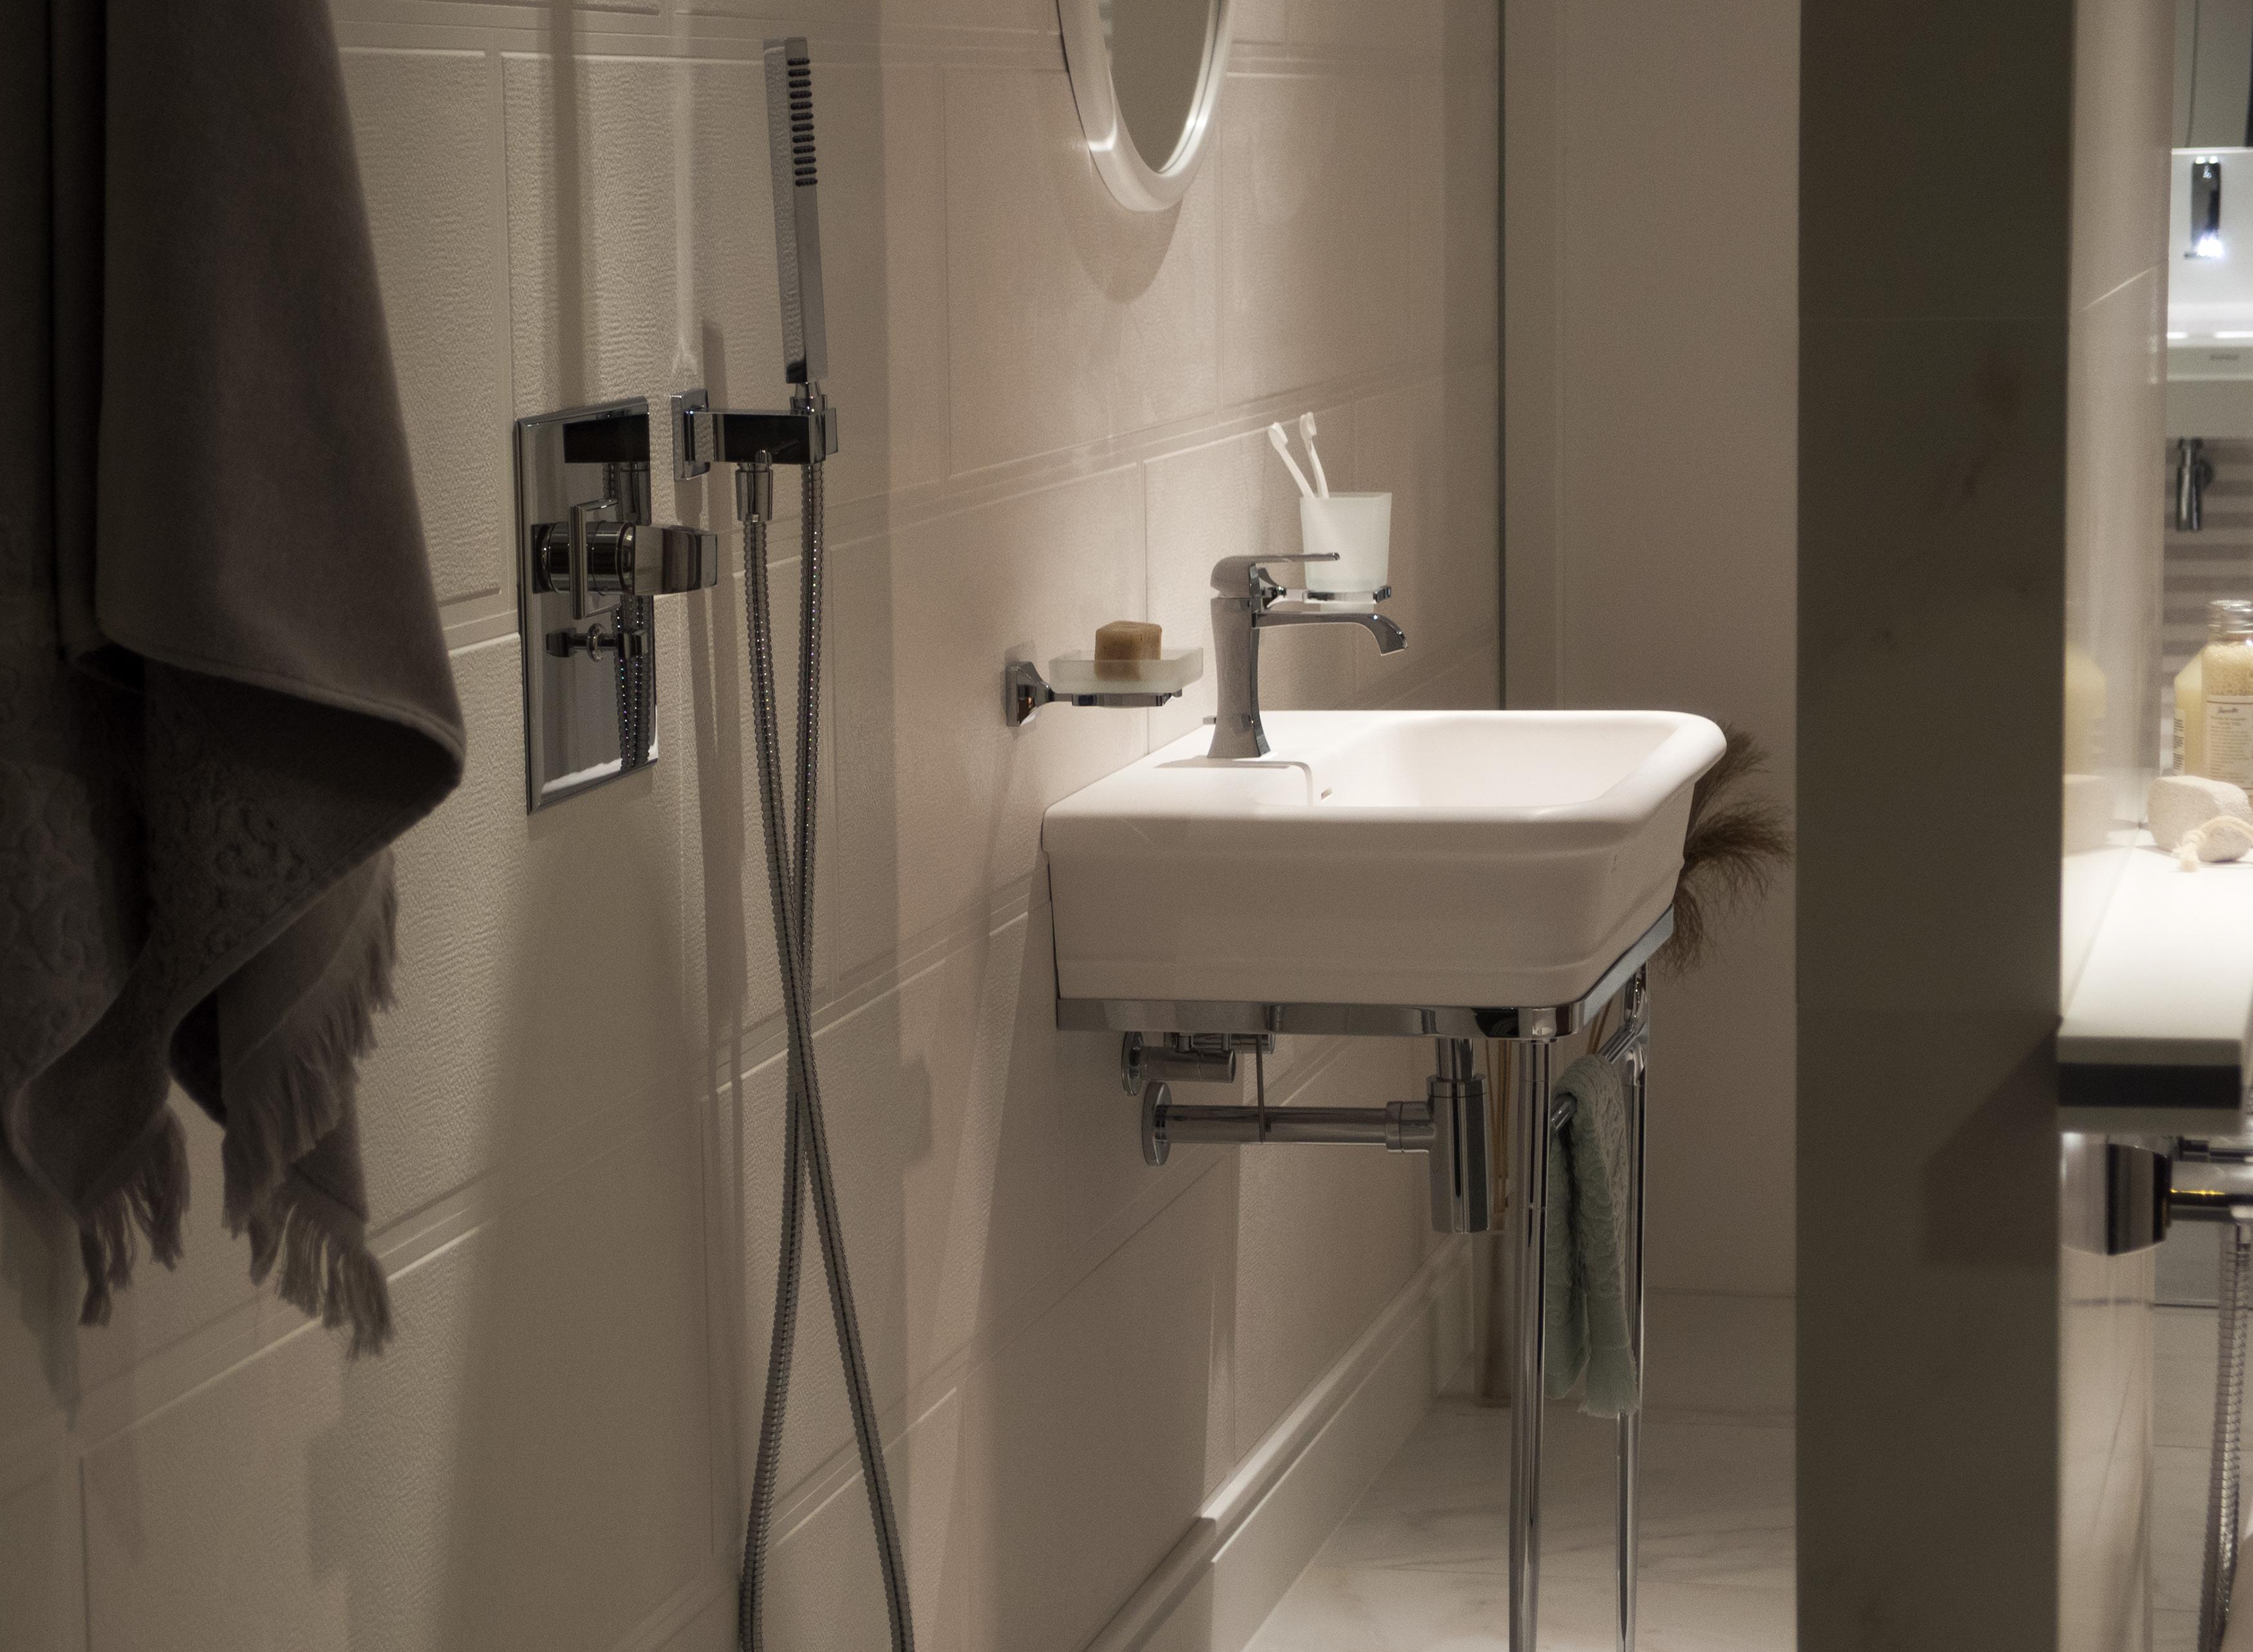 Free Image Sink In Bathroom